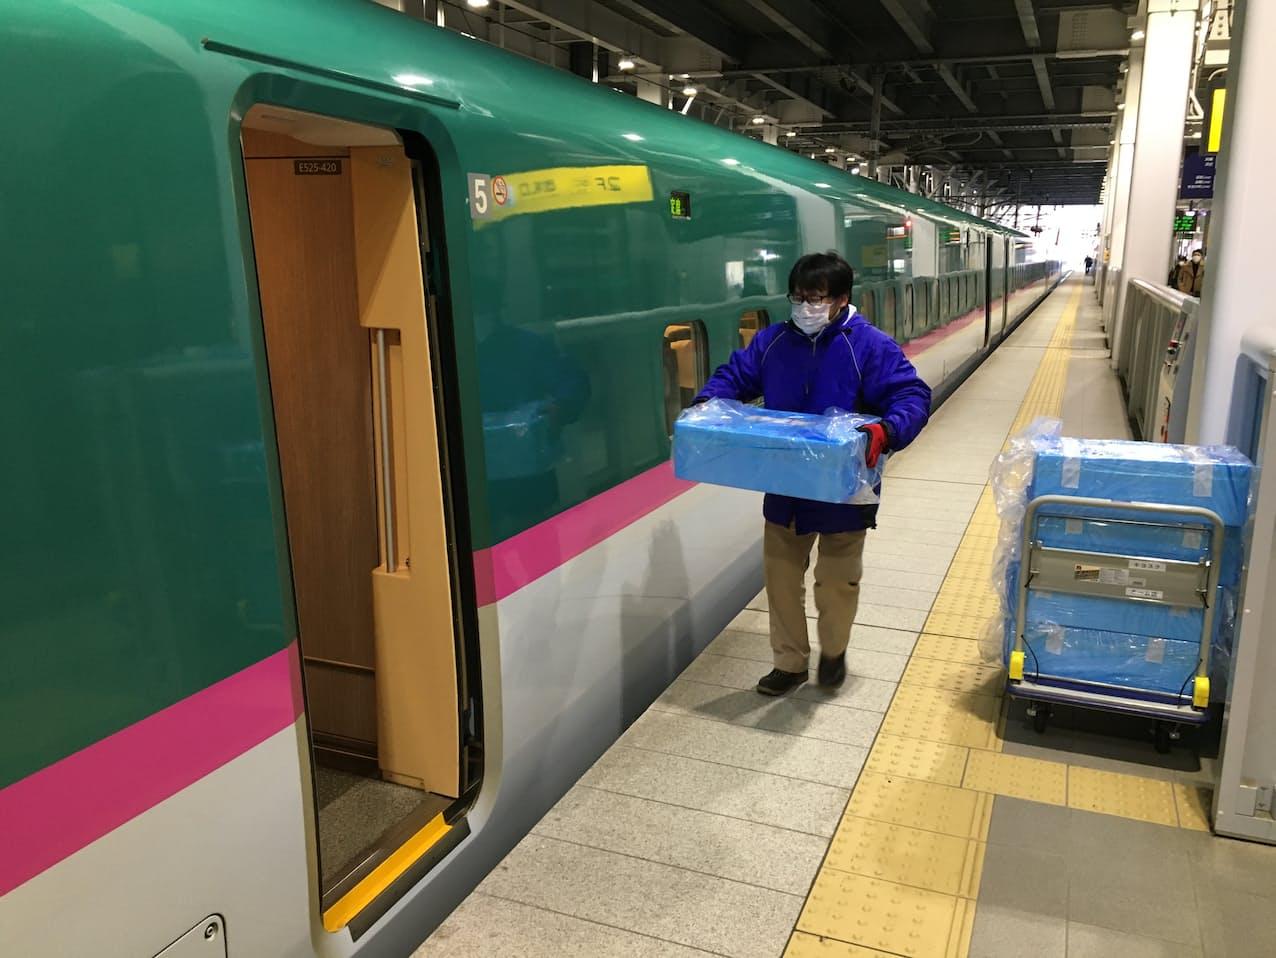 北海道―東京間で新幹線を使い鮮魚などを輸送し、市街地の飲食店にも届ける(JR東日本提供)